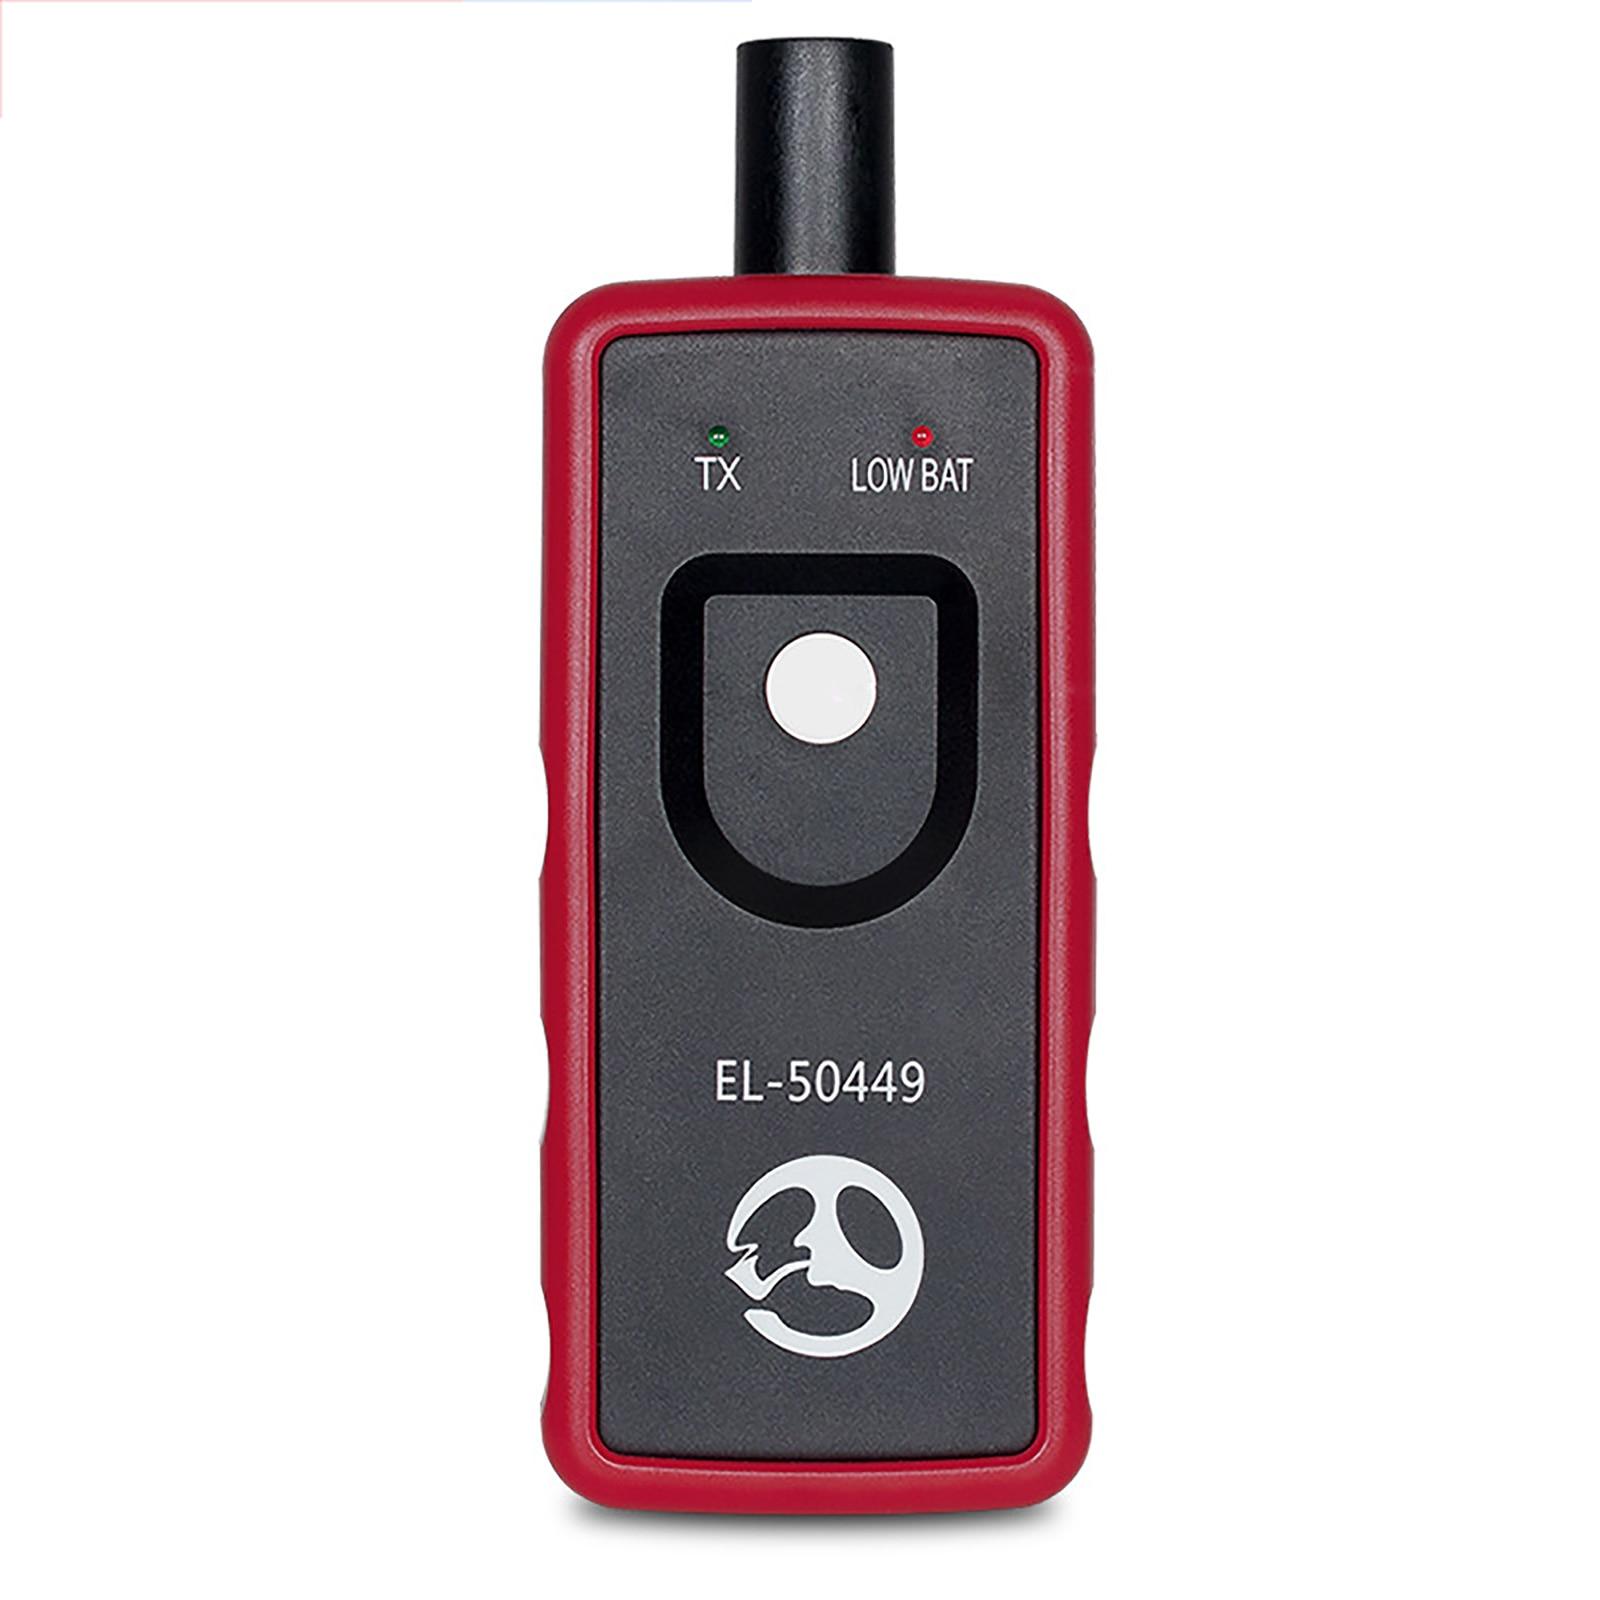 اكسسوارات السيارات EL50448/50449 السيارات الإطارات مراقبة ضغط الاستشعار تفعيل أداة EL-50448 ل G-M EL50449 لفورد سلسلة مركبة